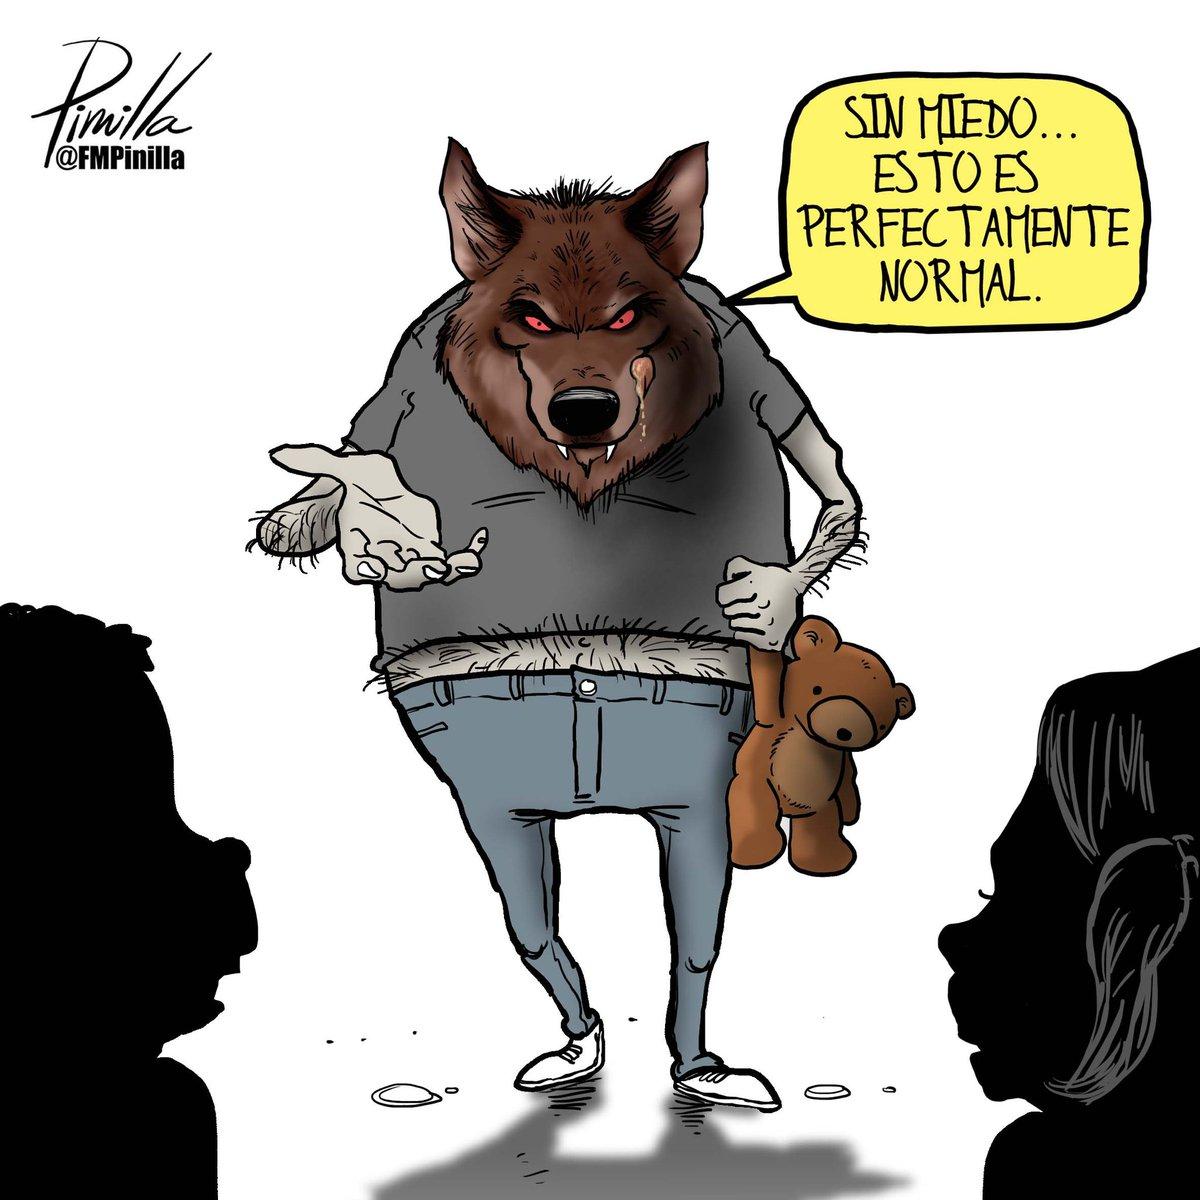 La #pedofilia y #pederastia no son conductas normales, sanas e inofensivas. ¡No aceptemos esta mentira! #dibujolibre para @DLasAmericas. #USA.